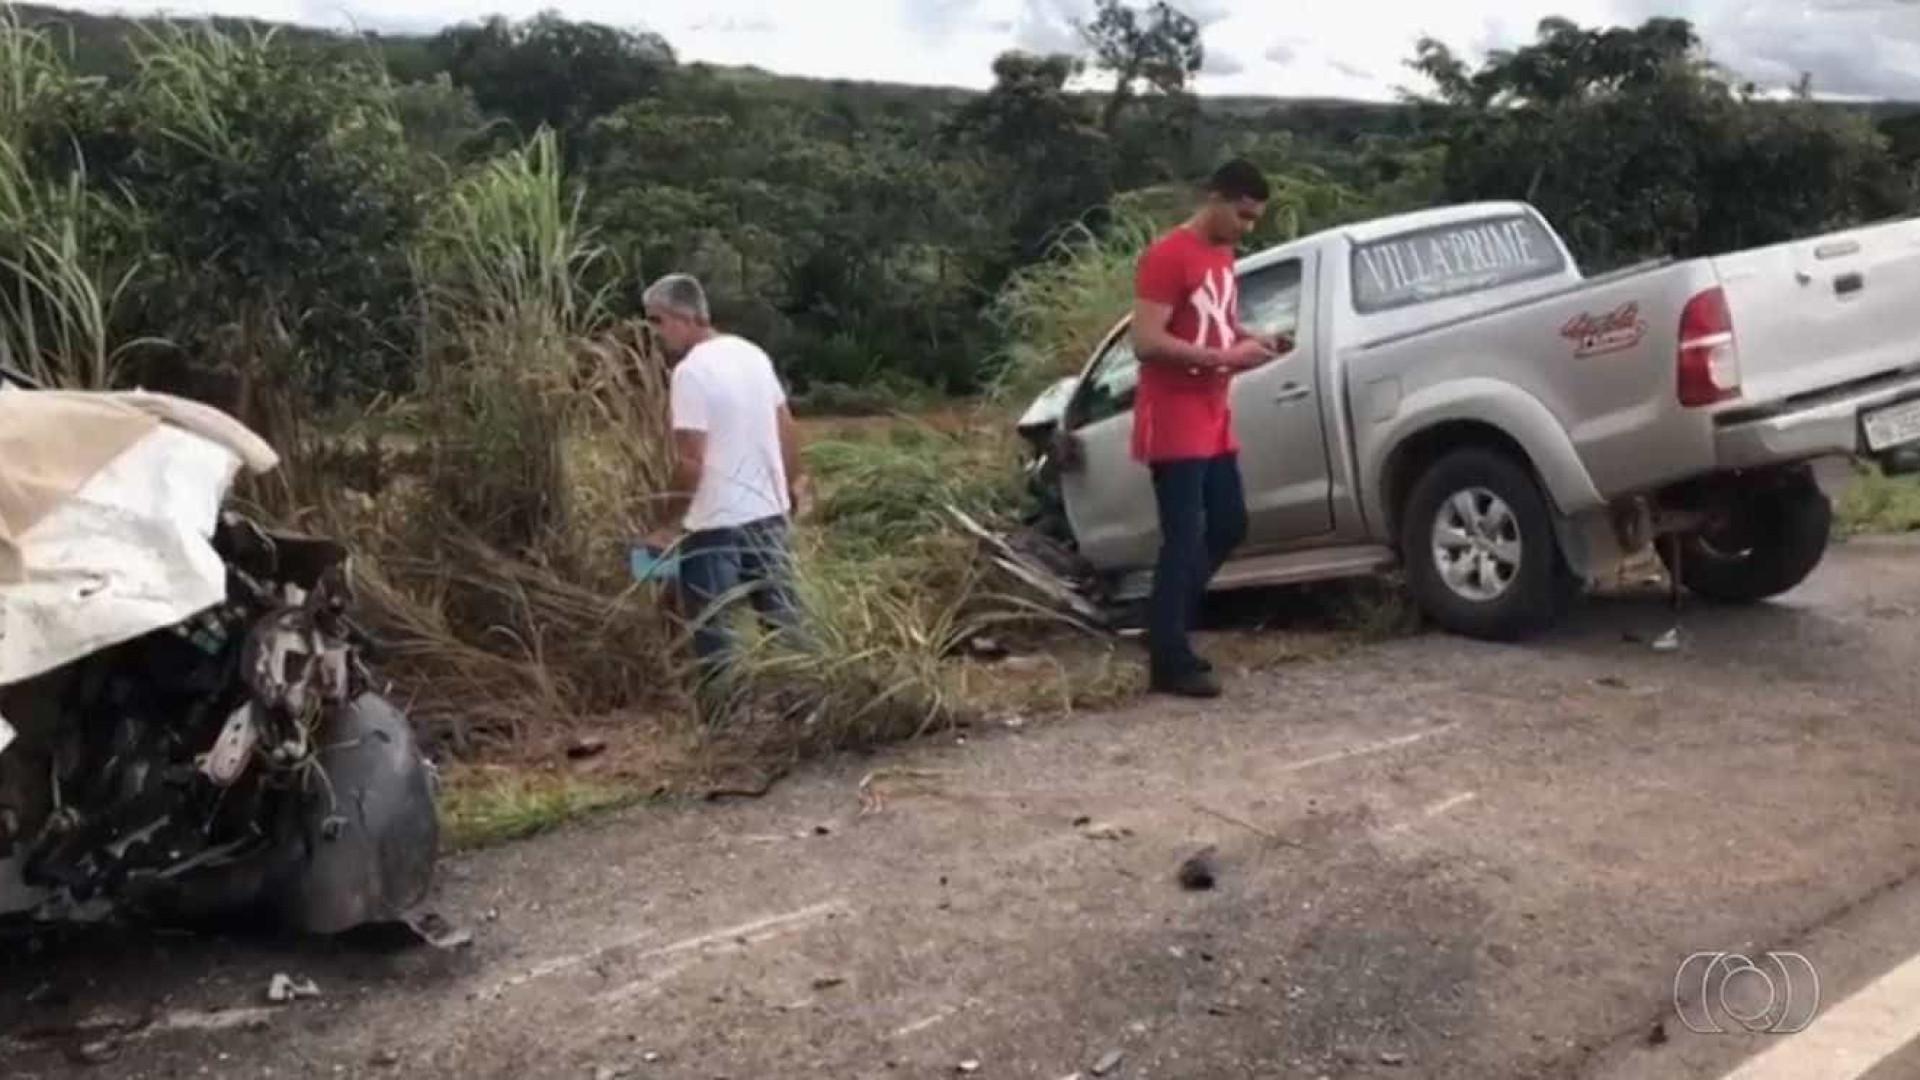 Acidente deixa 4 mortos na BR-070, vice-prefeito e filho ficam feridos